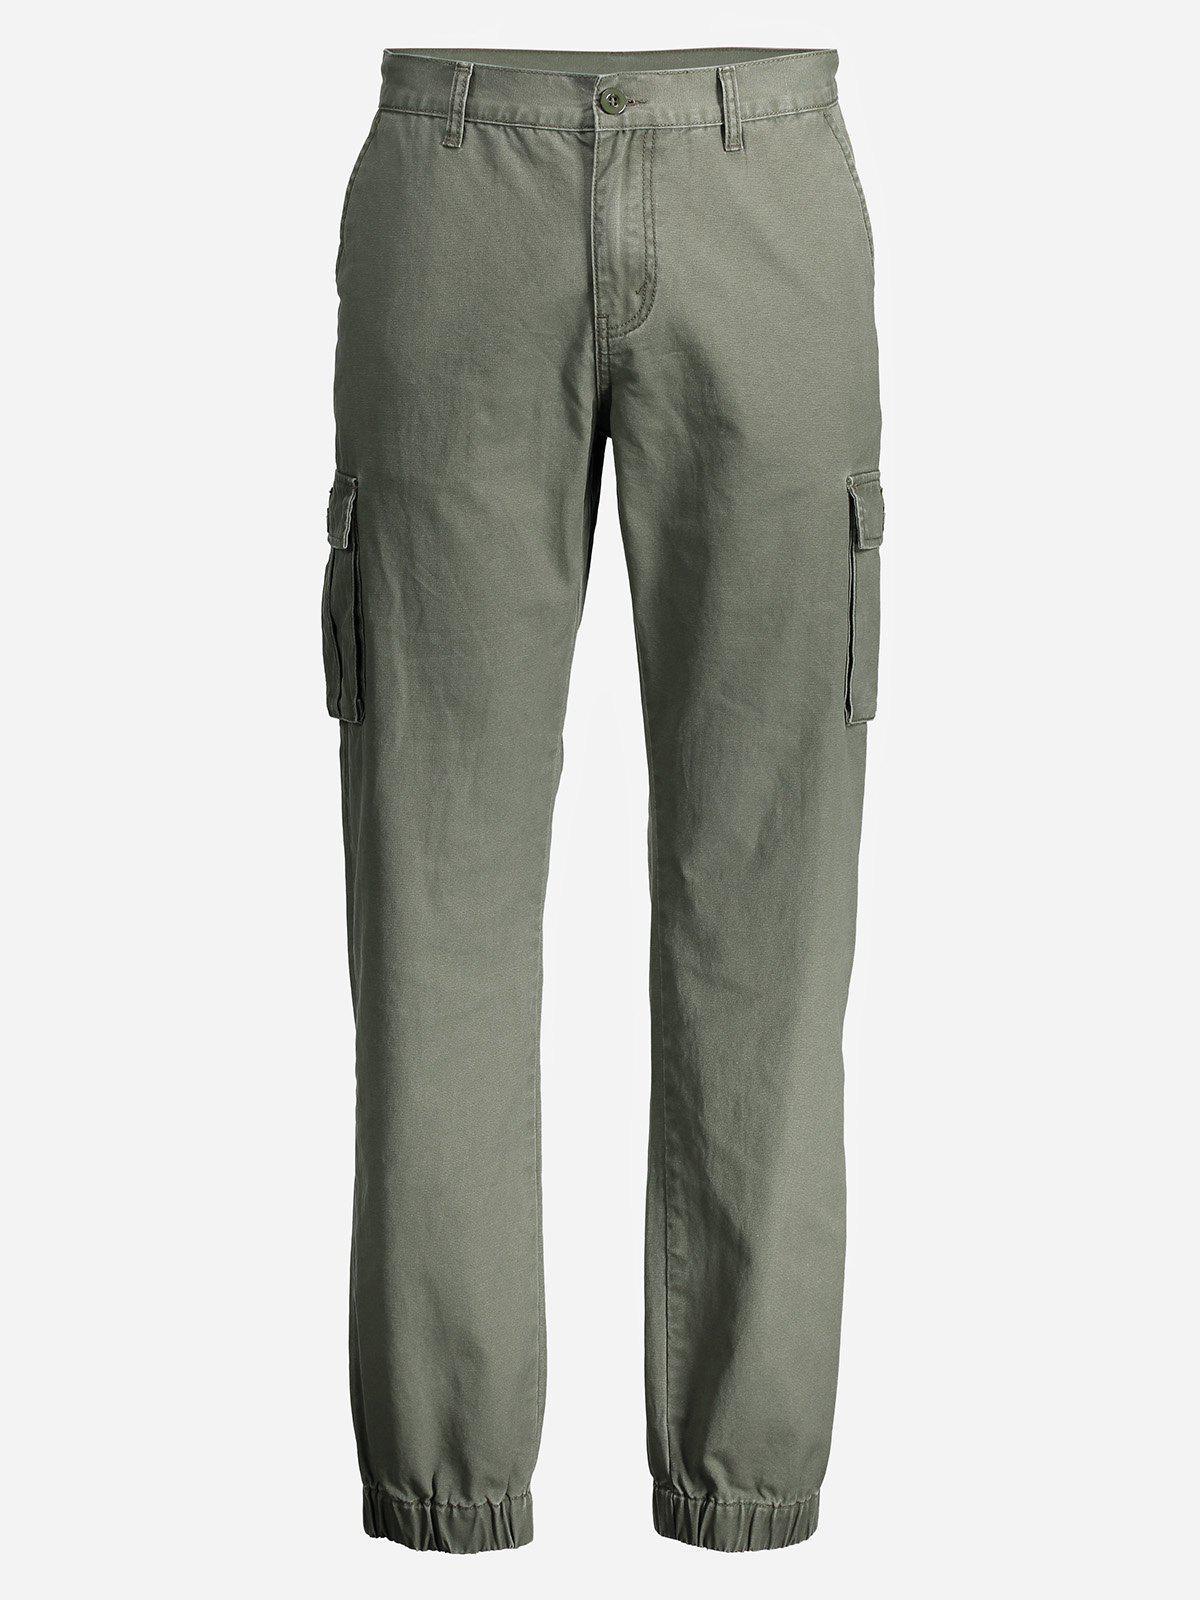 ZAN.De los Hombres del ESTILO Delgado Pantalones de Carga